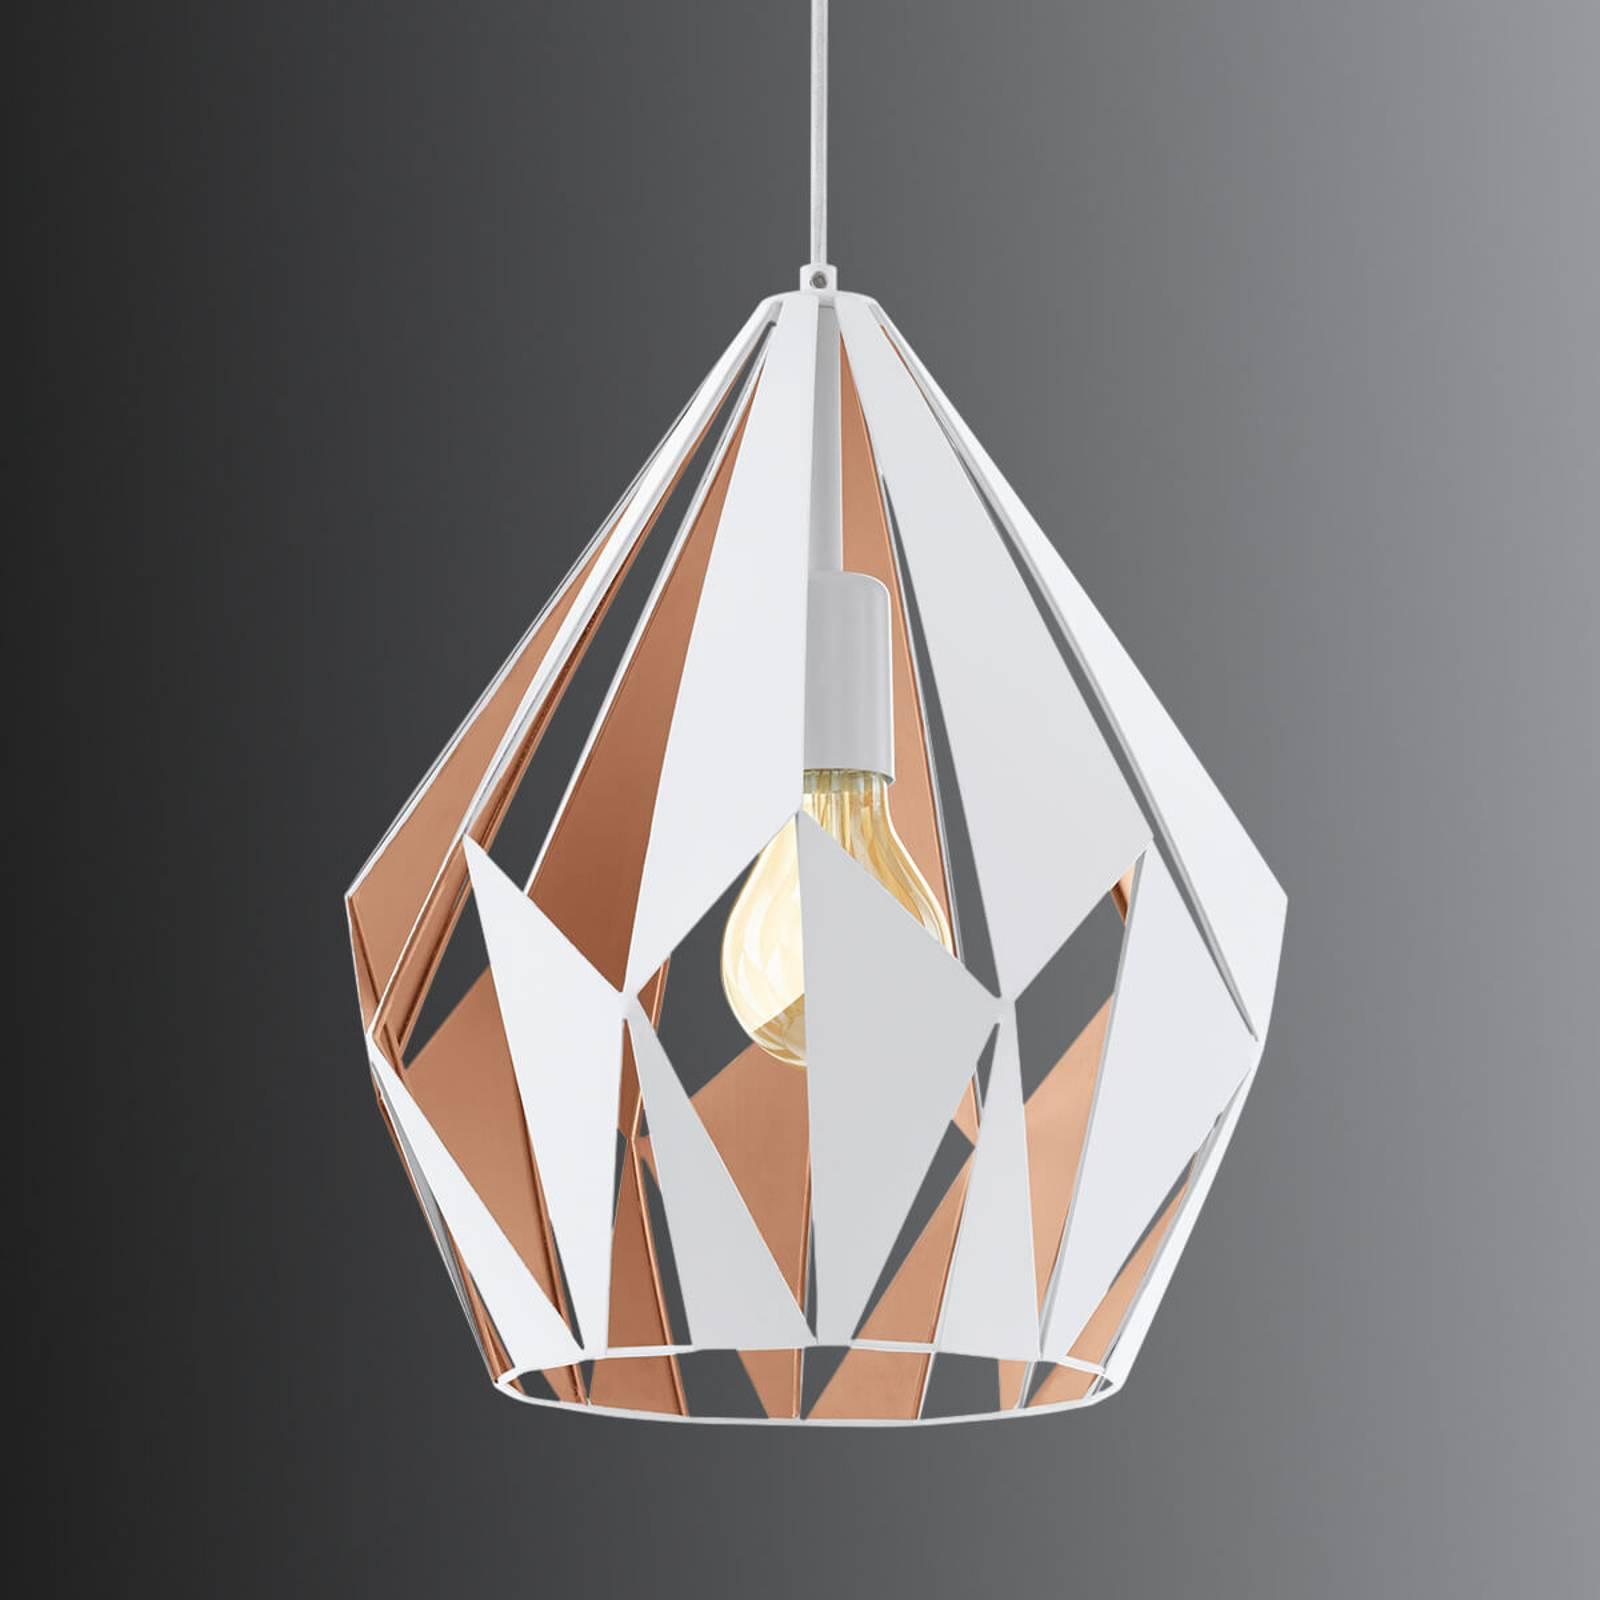 Hanglamp Carlton, wit-goud, Ø 31 cm